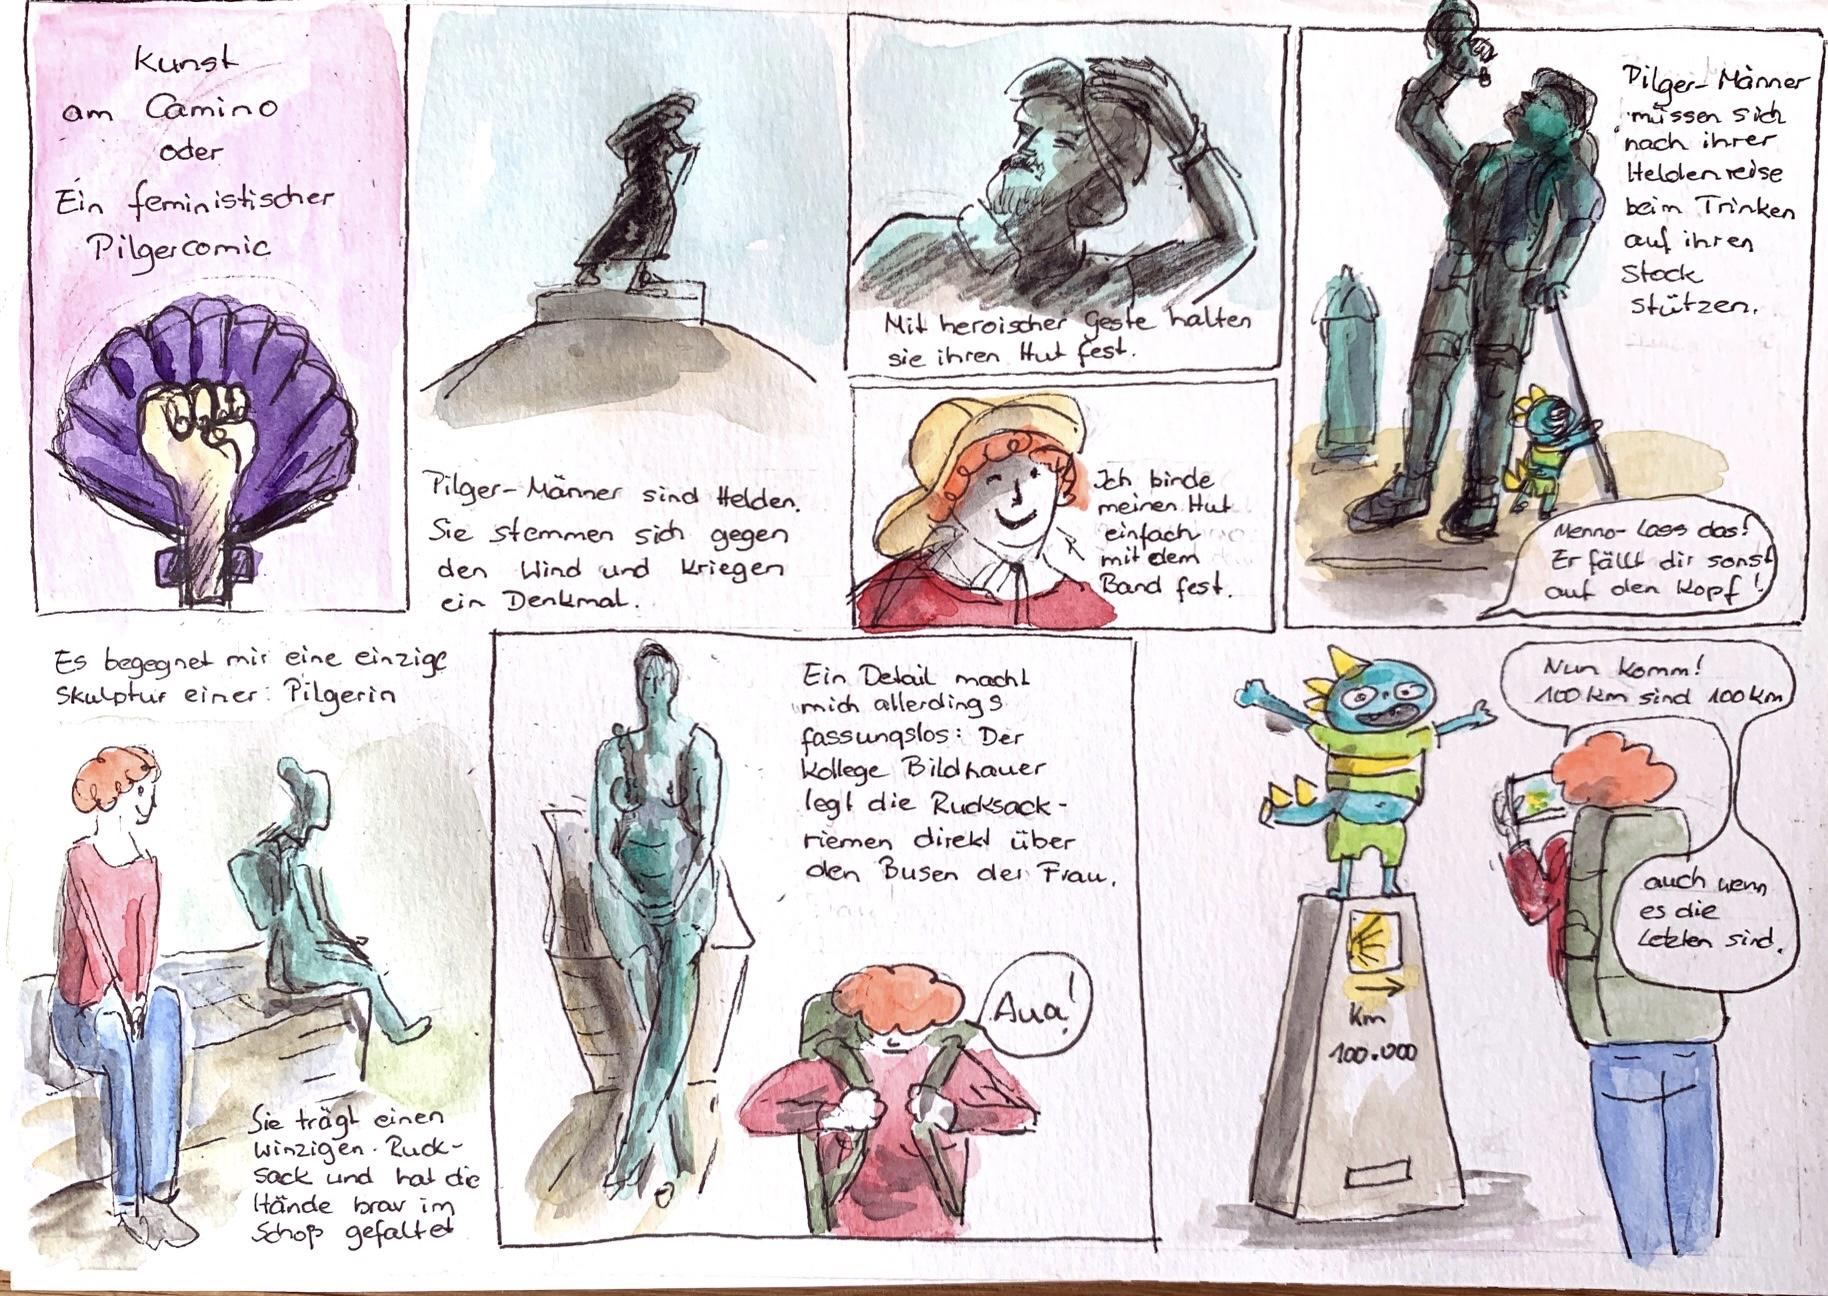 25.09.20 Feministischer Comic